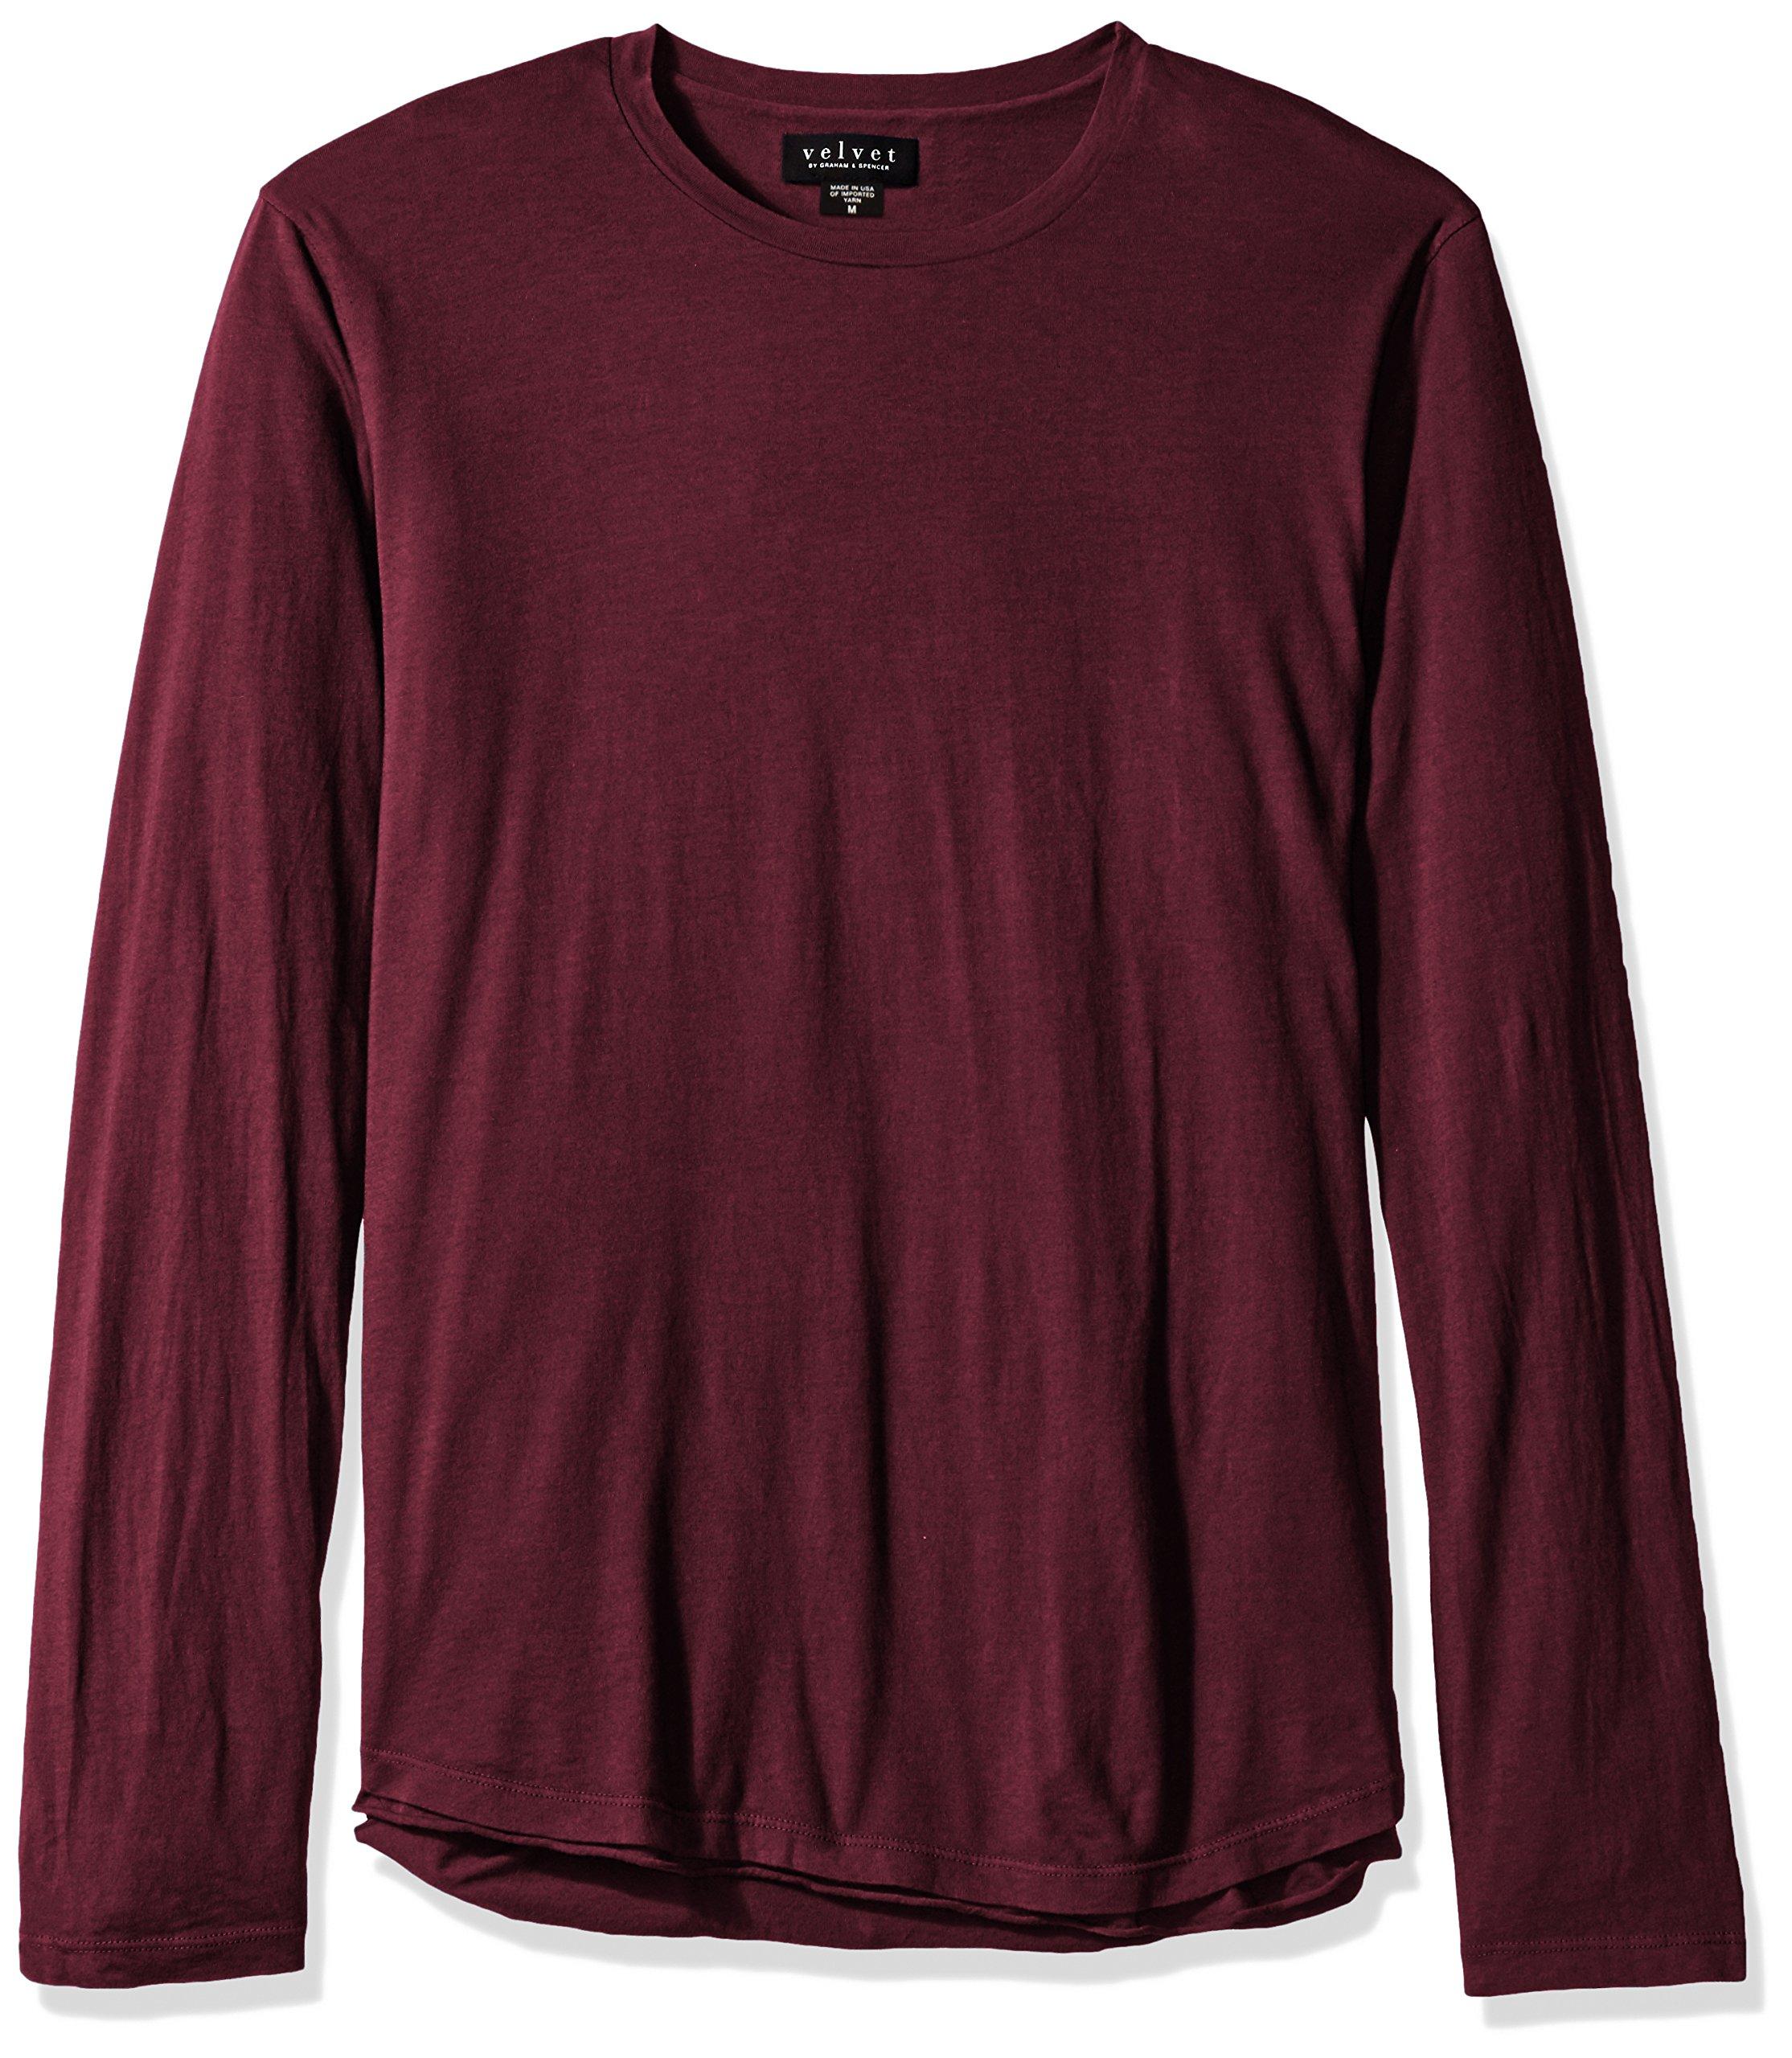 VELVET BY GRAHAM & SPENCER Men's Charleston Double Layer Long Sleeve Shirt, Chianti, Small